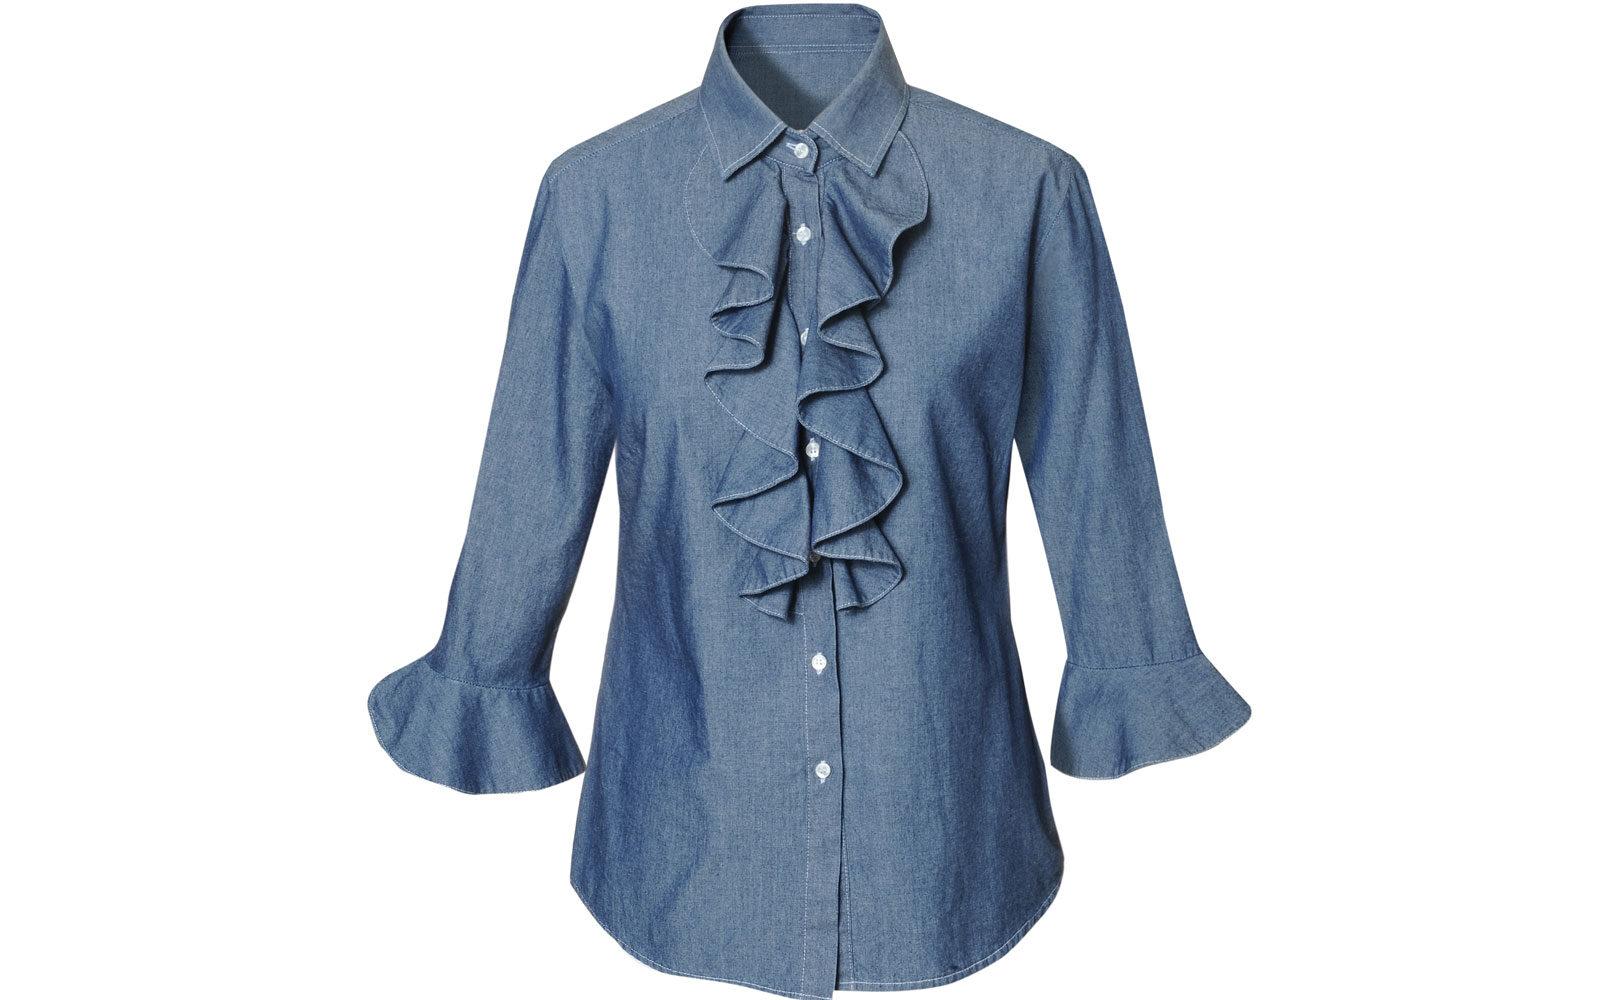 Nara Camicie 69 euro